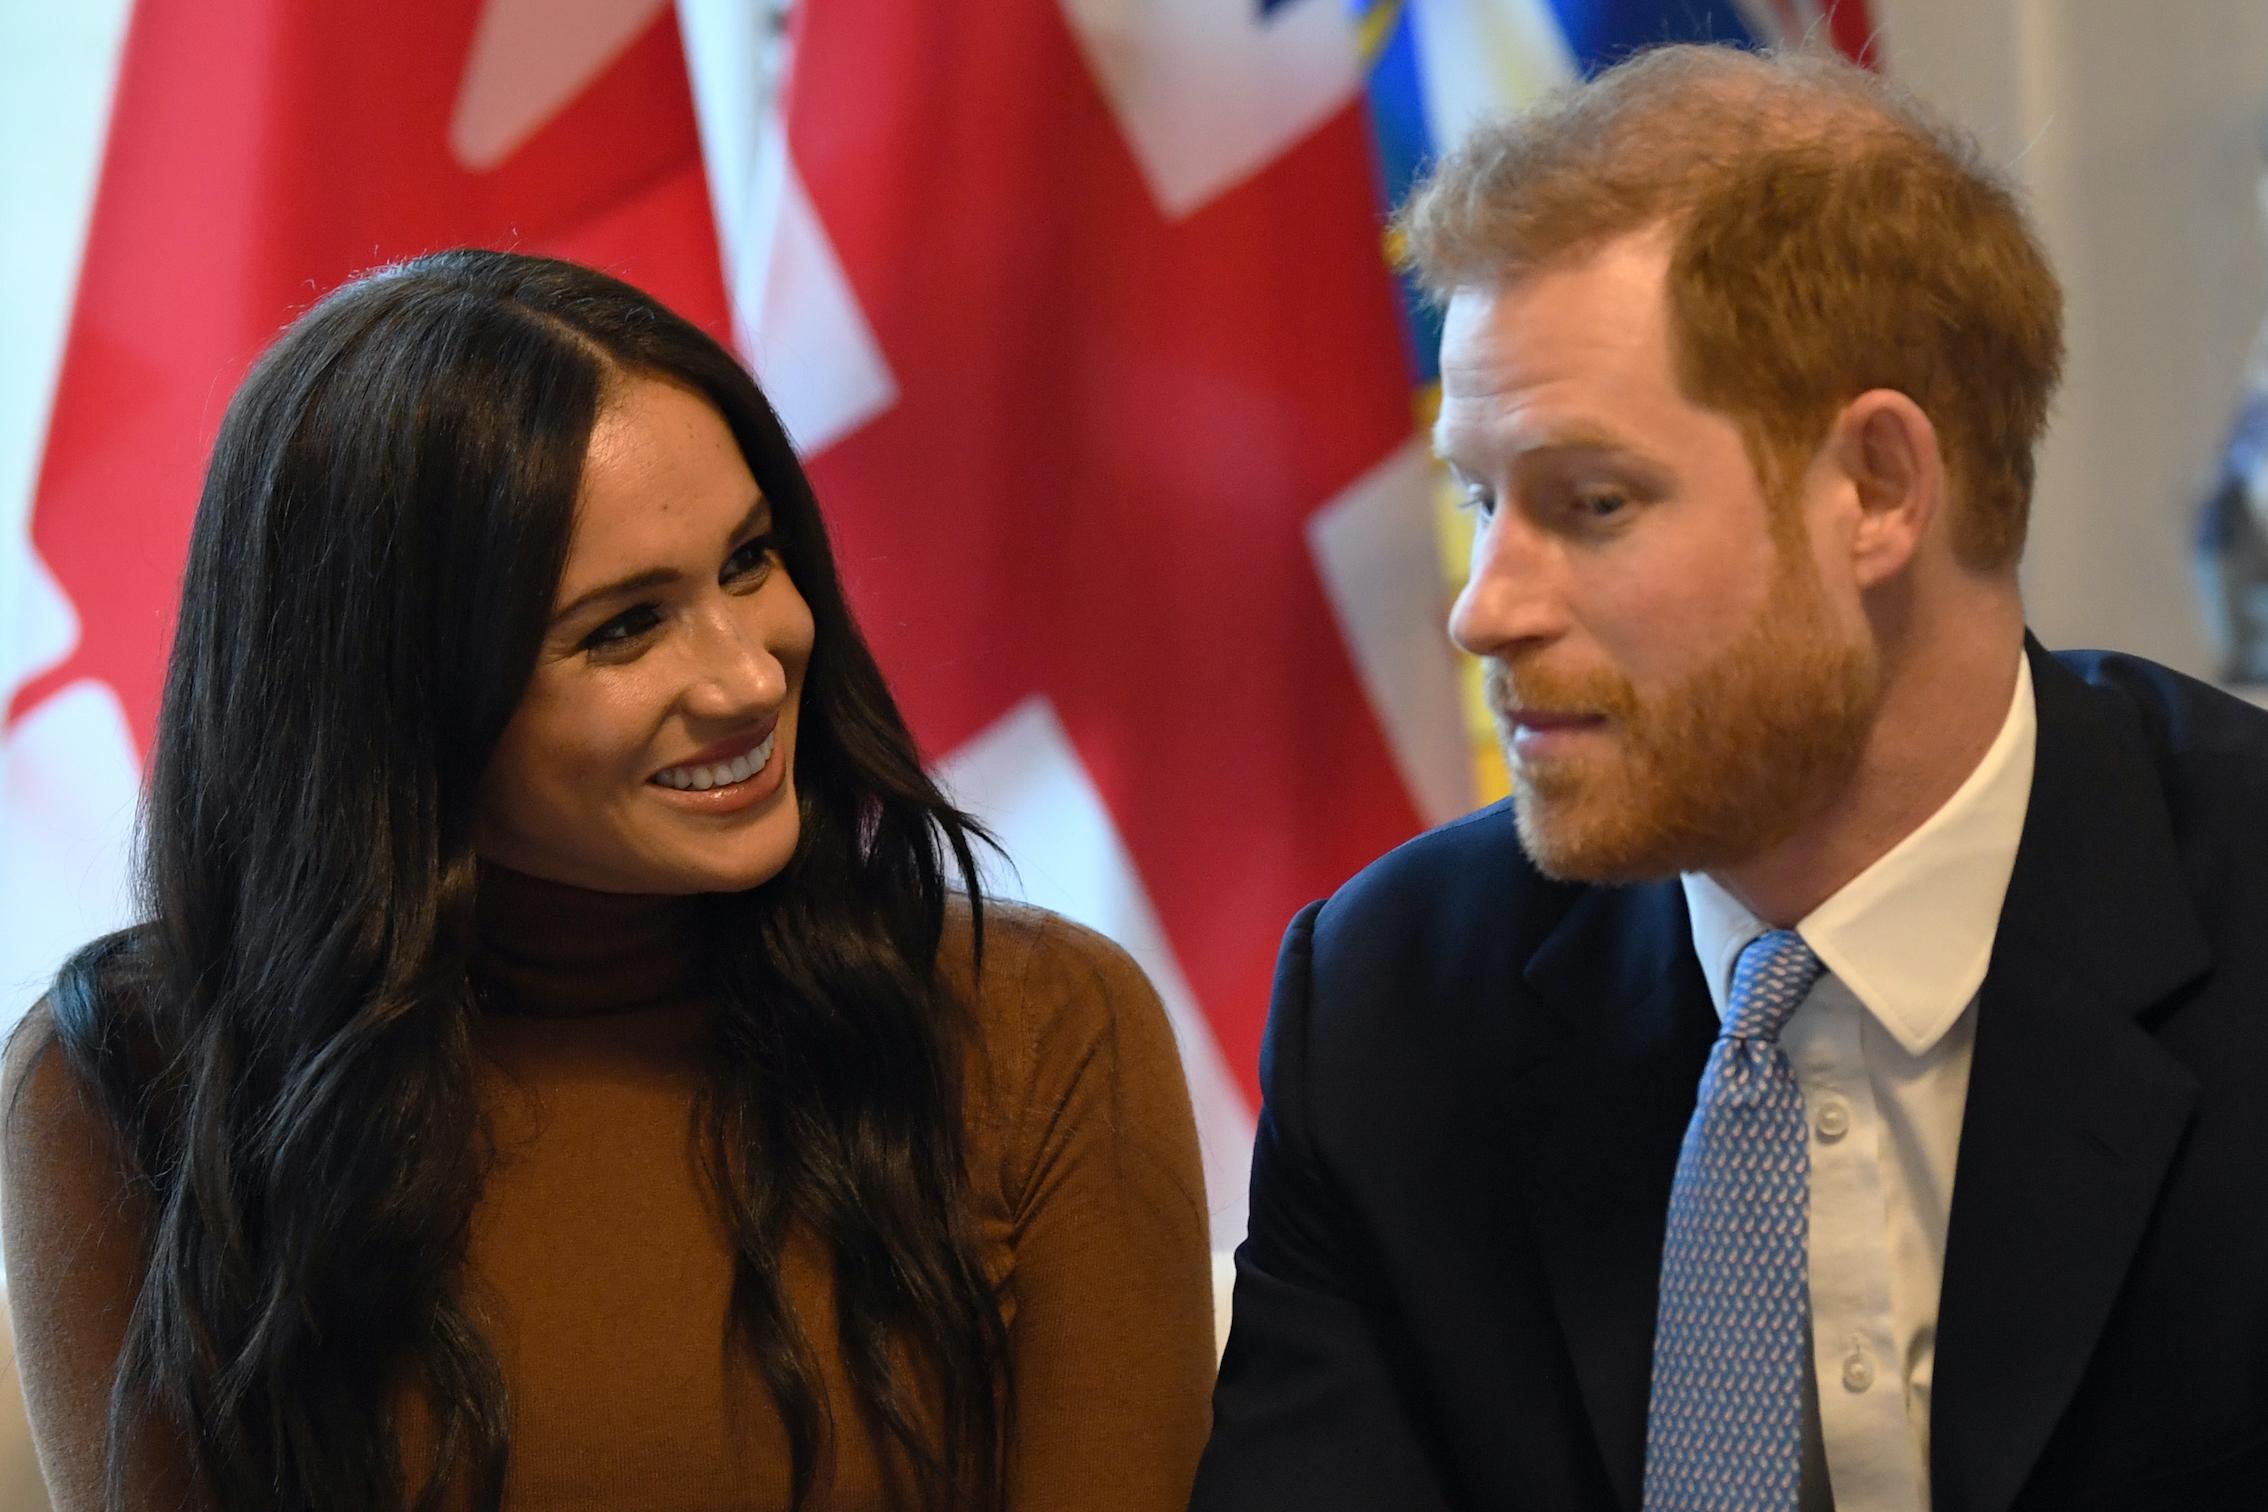 Herzogin Meghan und Prinz Harry ziehen sich von ihren royalen Pflichten, um eigene Projekte zu verfolgen.  © picture alliance / AP Images